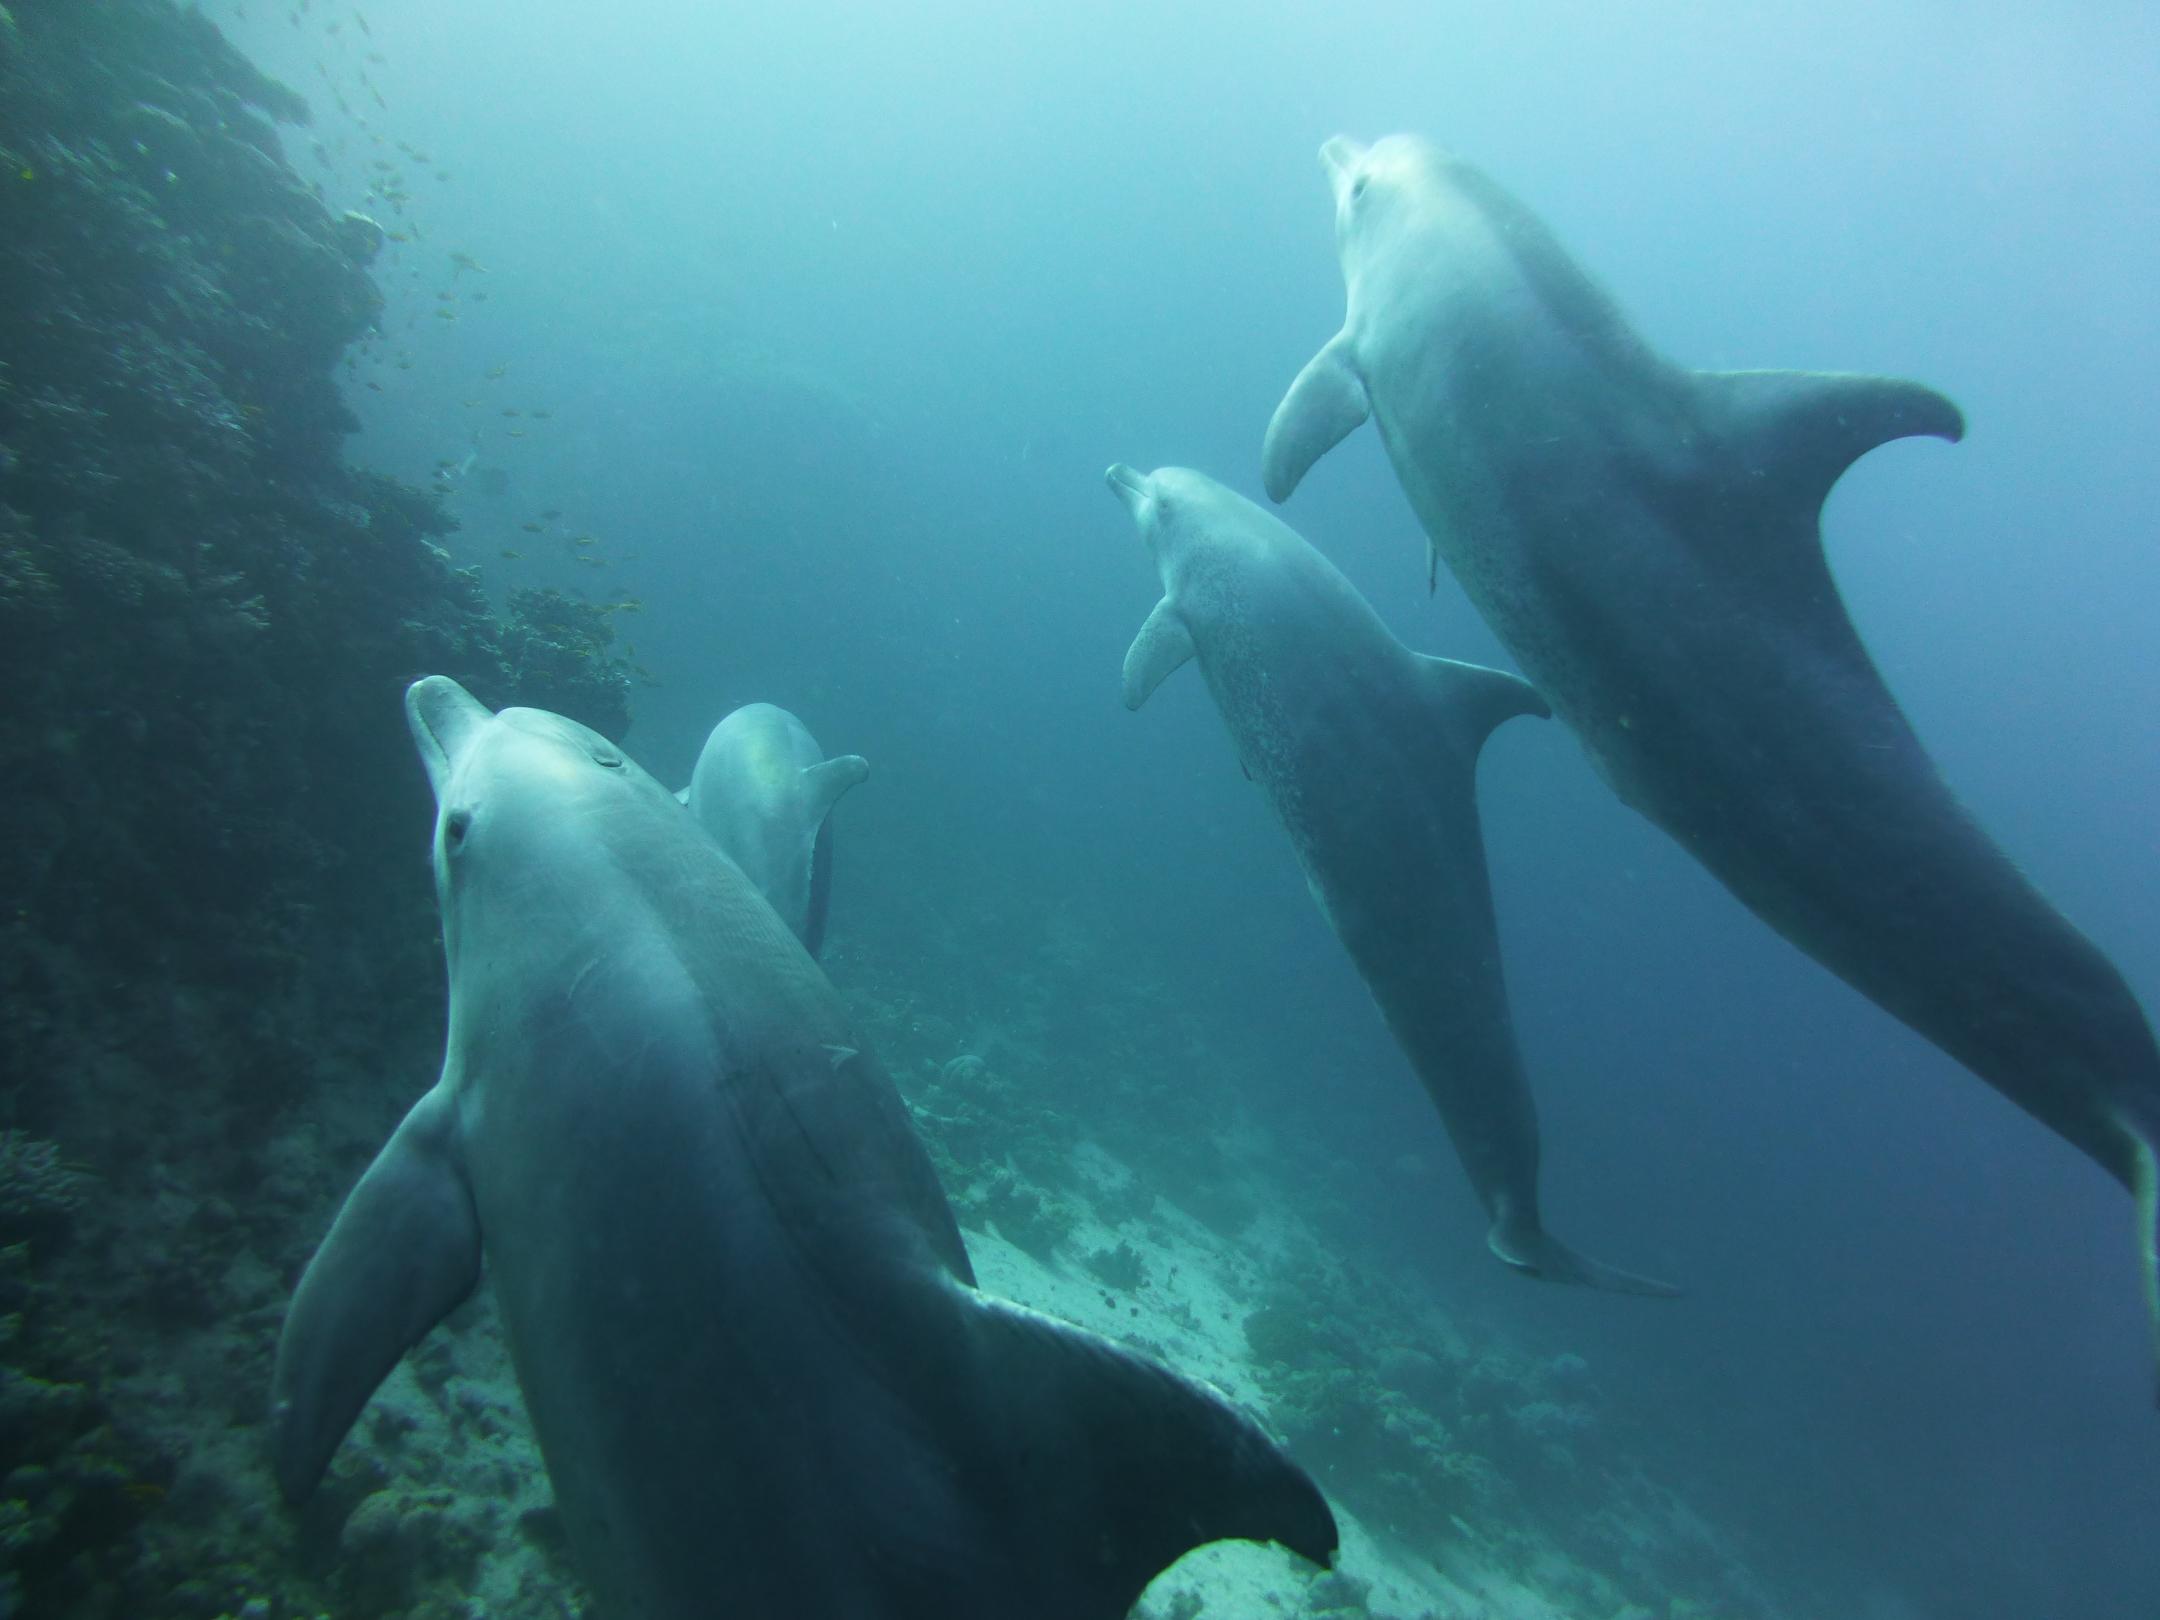 Dogterom-Dolfijnen-foto4-93684